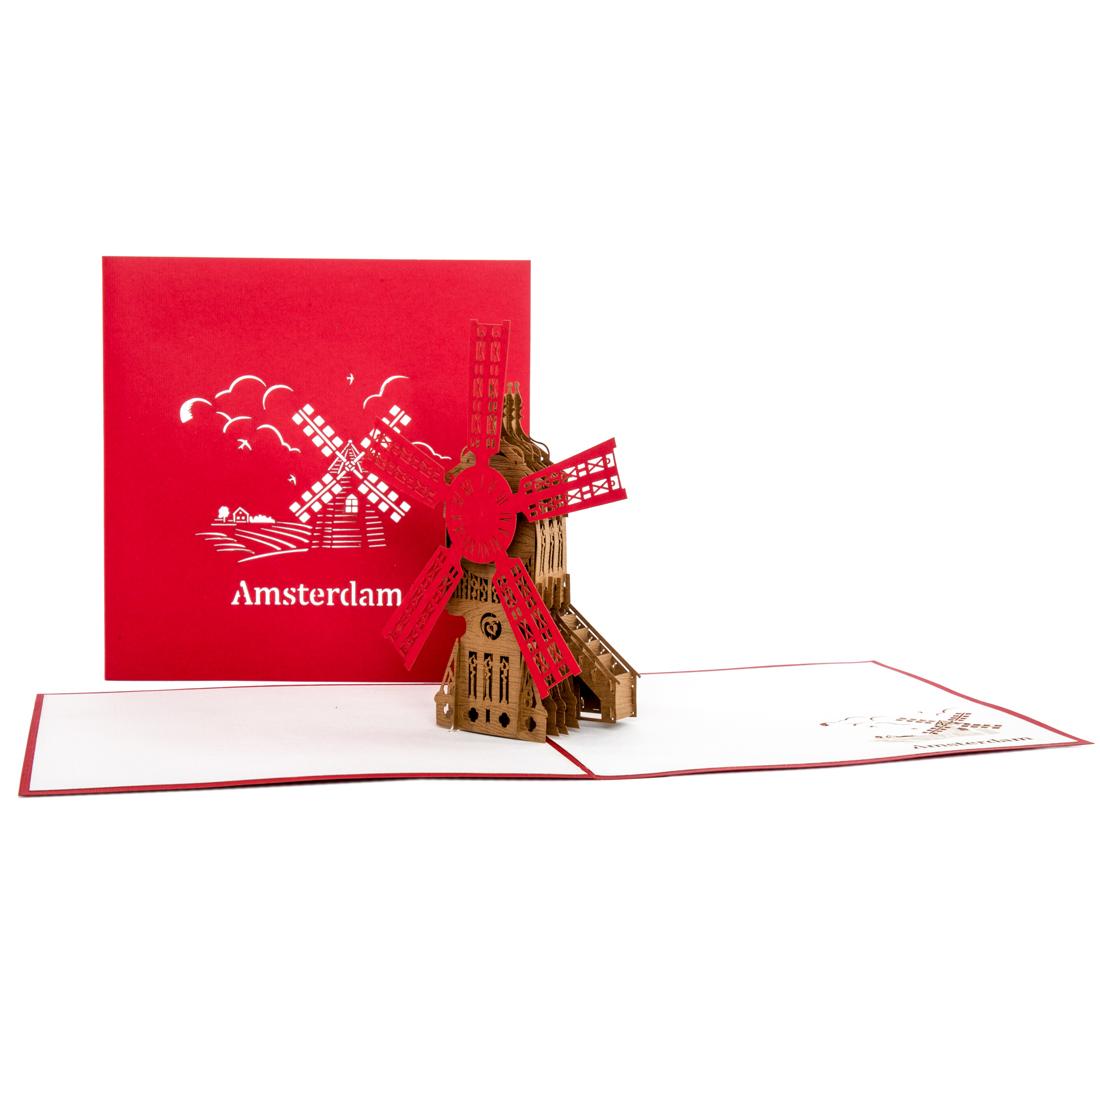 3D Pop Up Karte als Gutscheinverpackung, Geldgeschenk für Amsterdam Reise